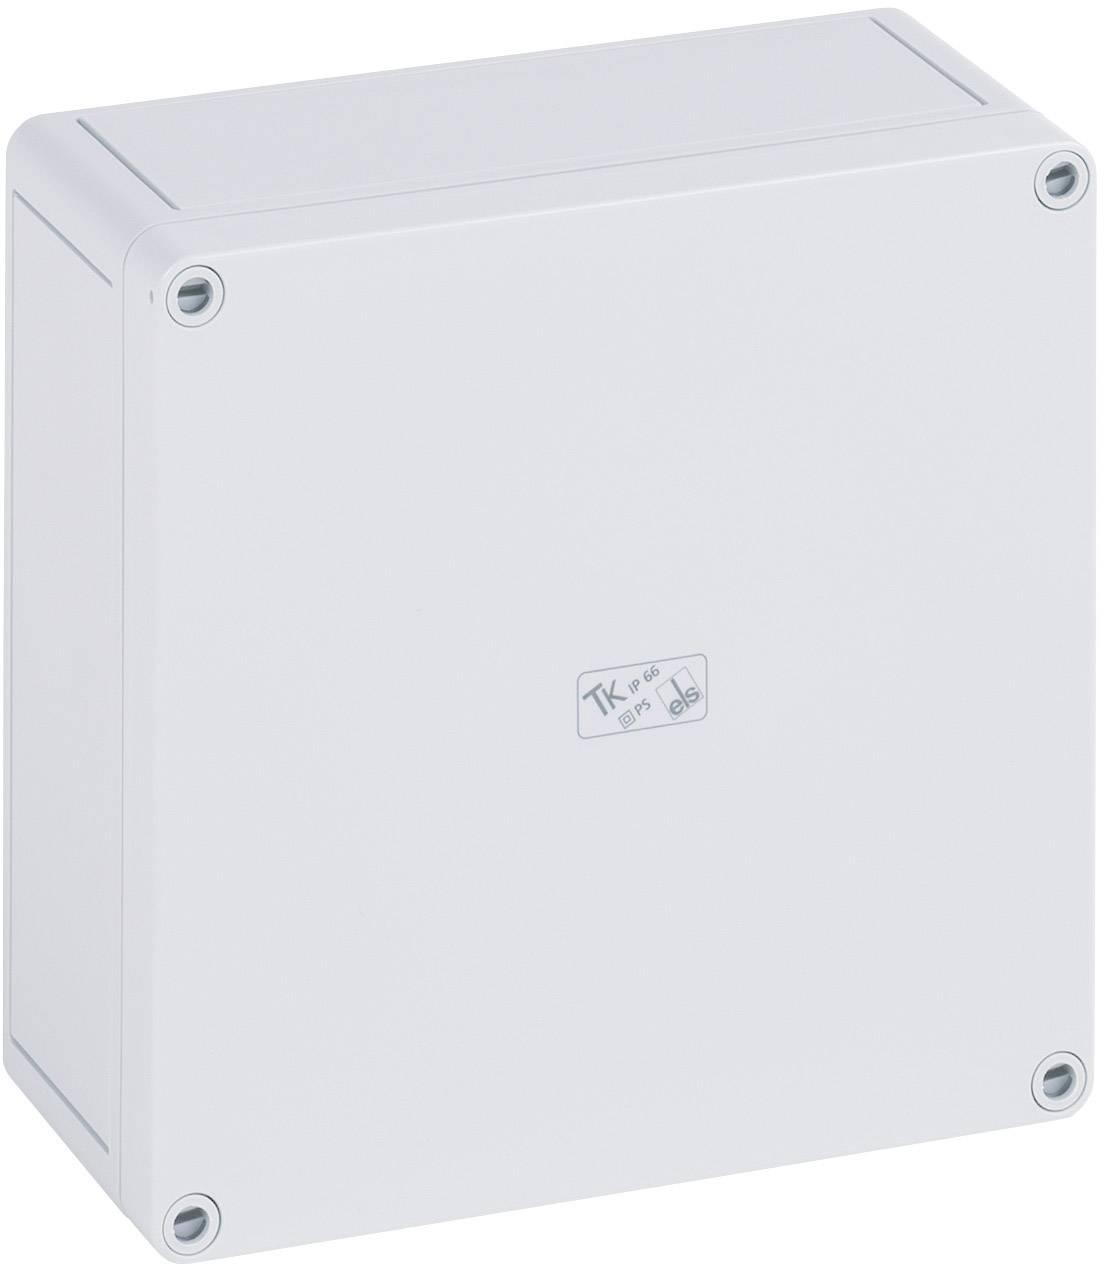 Instalační krabička Spelsberg TK PS 1111-9, (d x š x v) 110 x 110 x 90 mm, polystyren, šedá, 1 ks